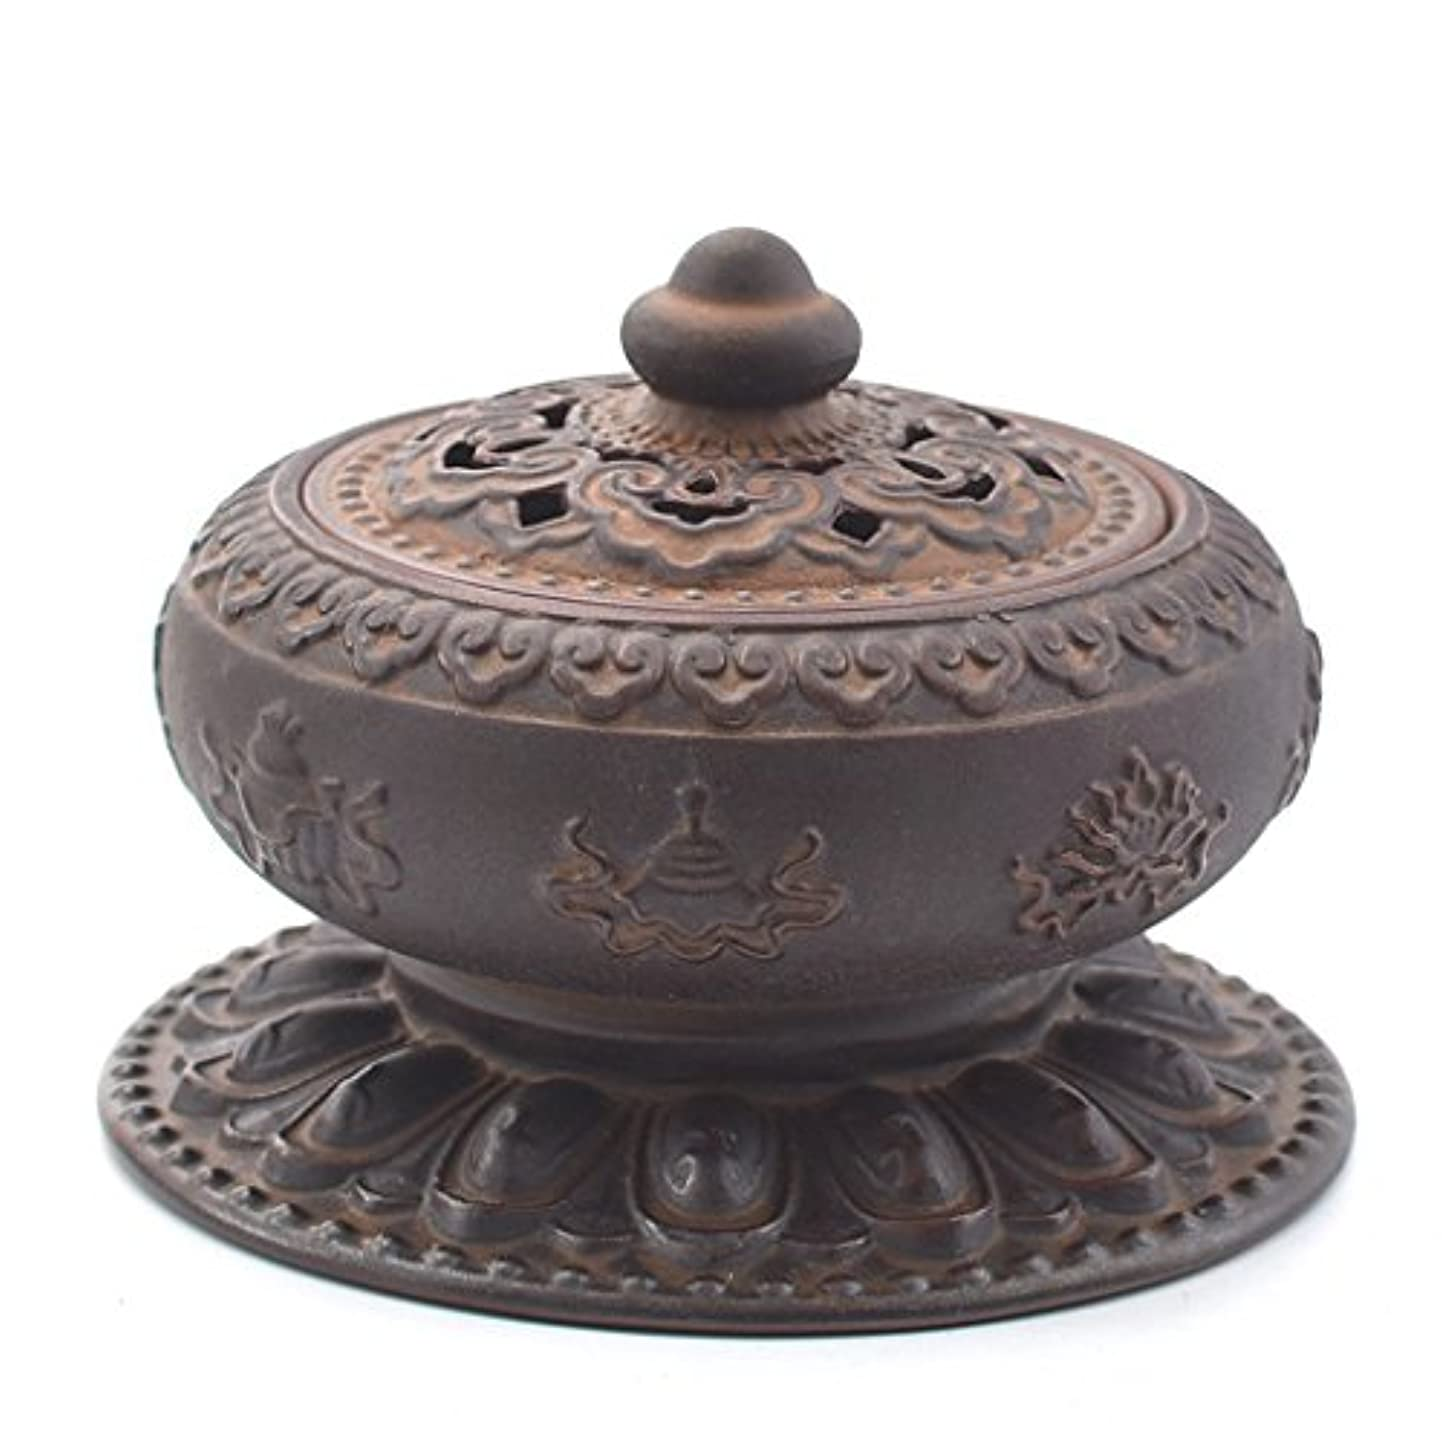 粘着性教えるながら(ラシューバー) Lasuiveur 香炉 線香立て 香立て 職人さんの手作り 茶道用品 おしゃれ